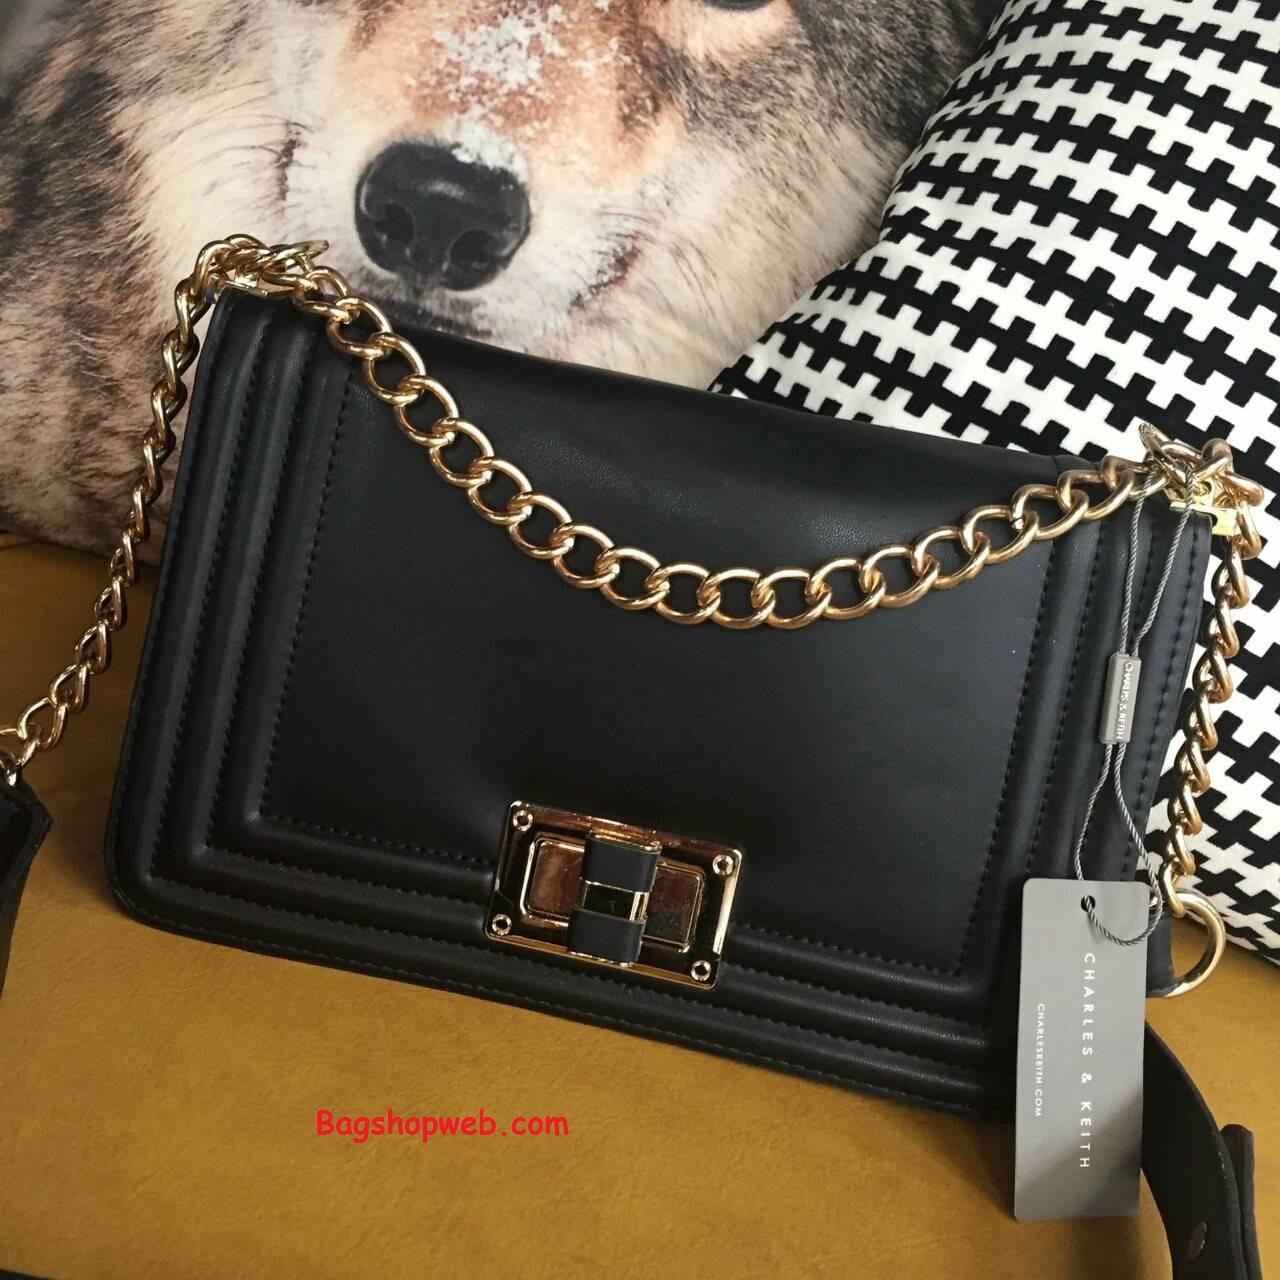 กระเป๋า CHARLES&KEITH CHAIN BAG 2015 Black